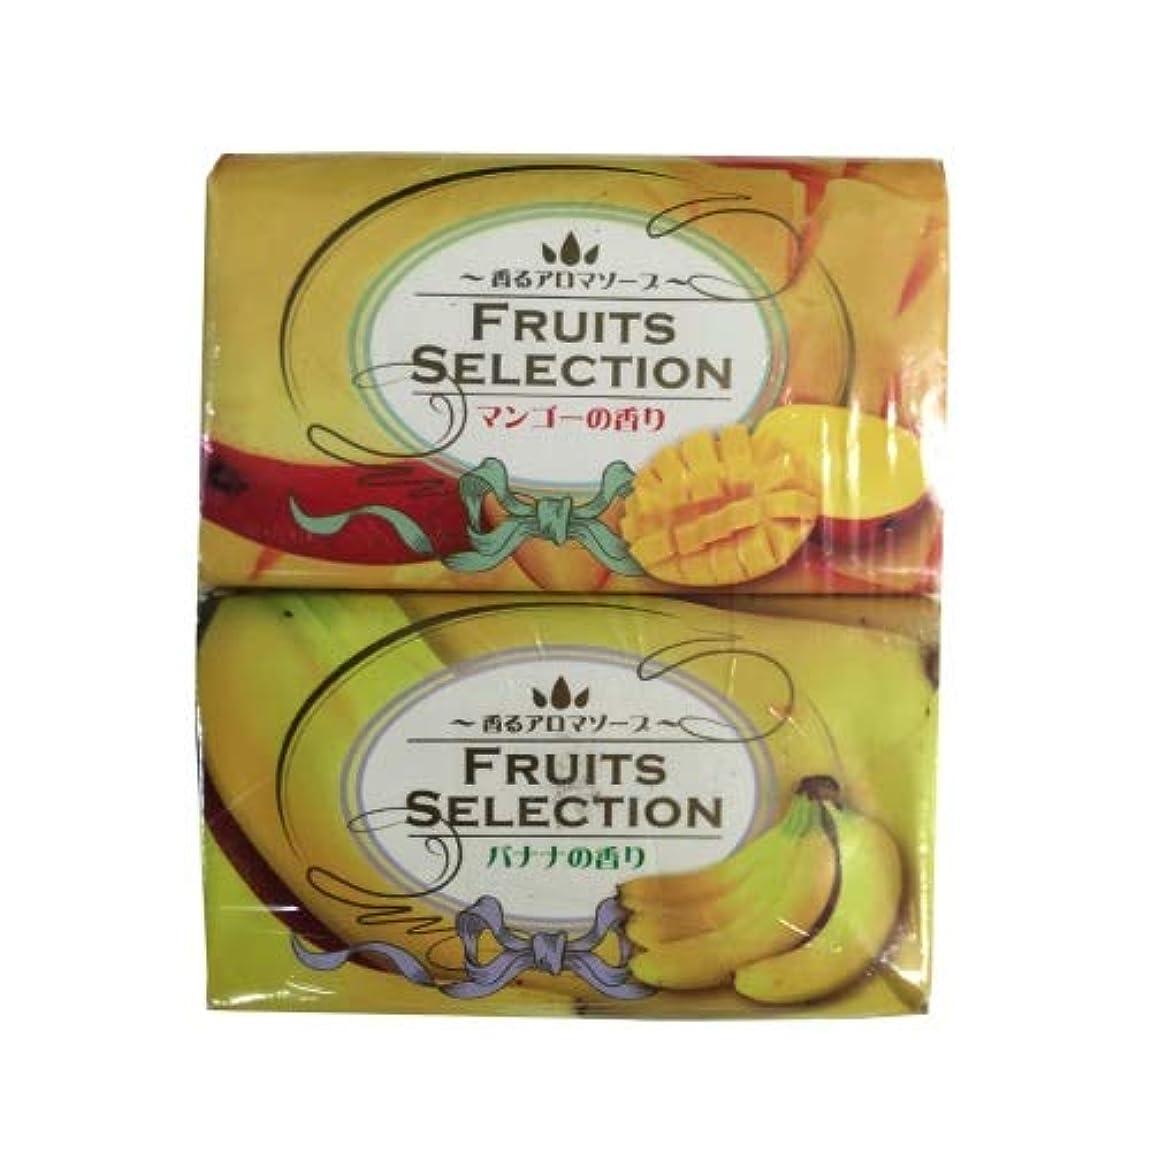 クラウンテスピアンサージロケット石鹸 香るアロマソープ MB 2個パック (マンゴーの香り1個 & バナナの香り 1個)